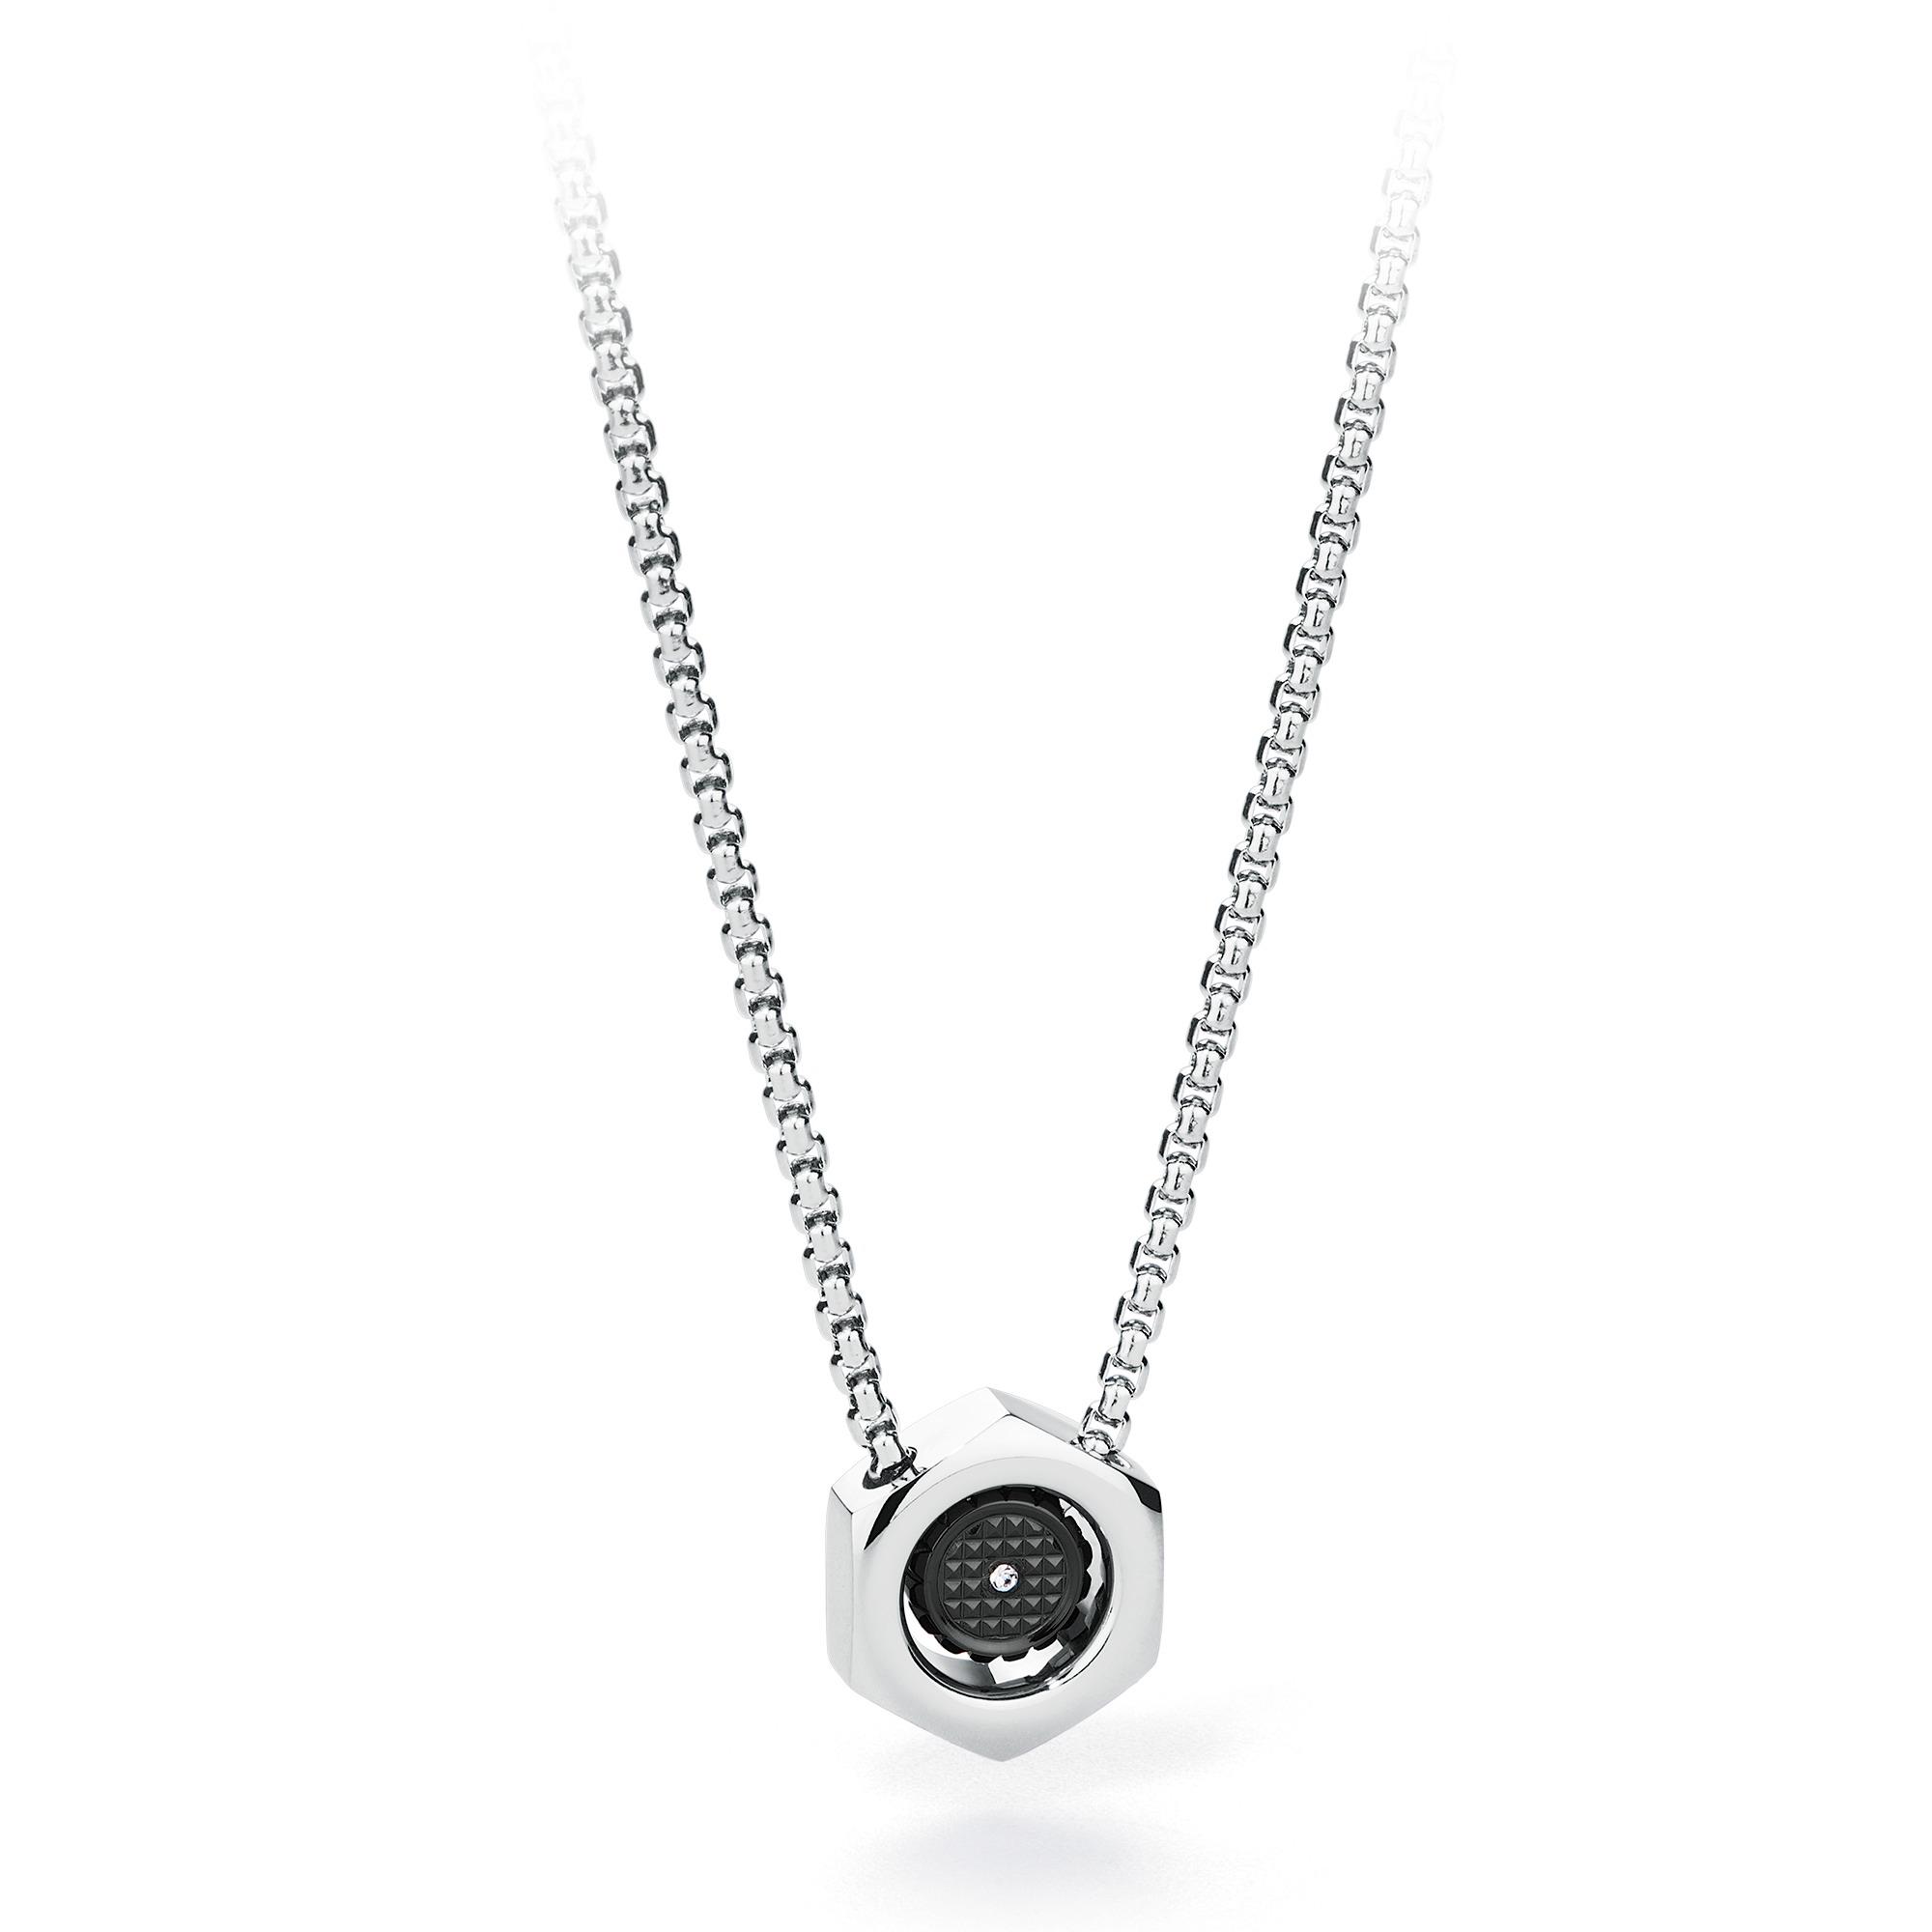 collana-sagapò-gear-clessidra-jewels